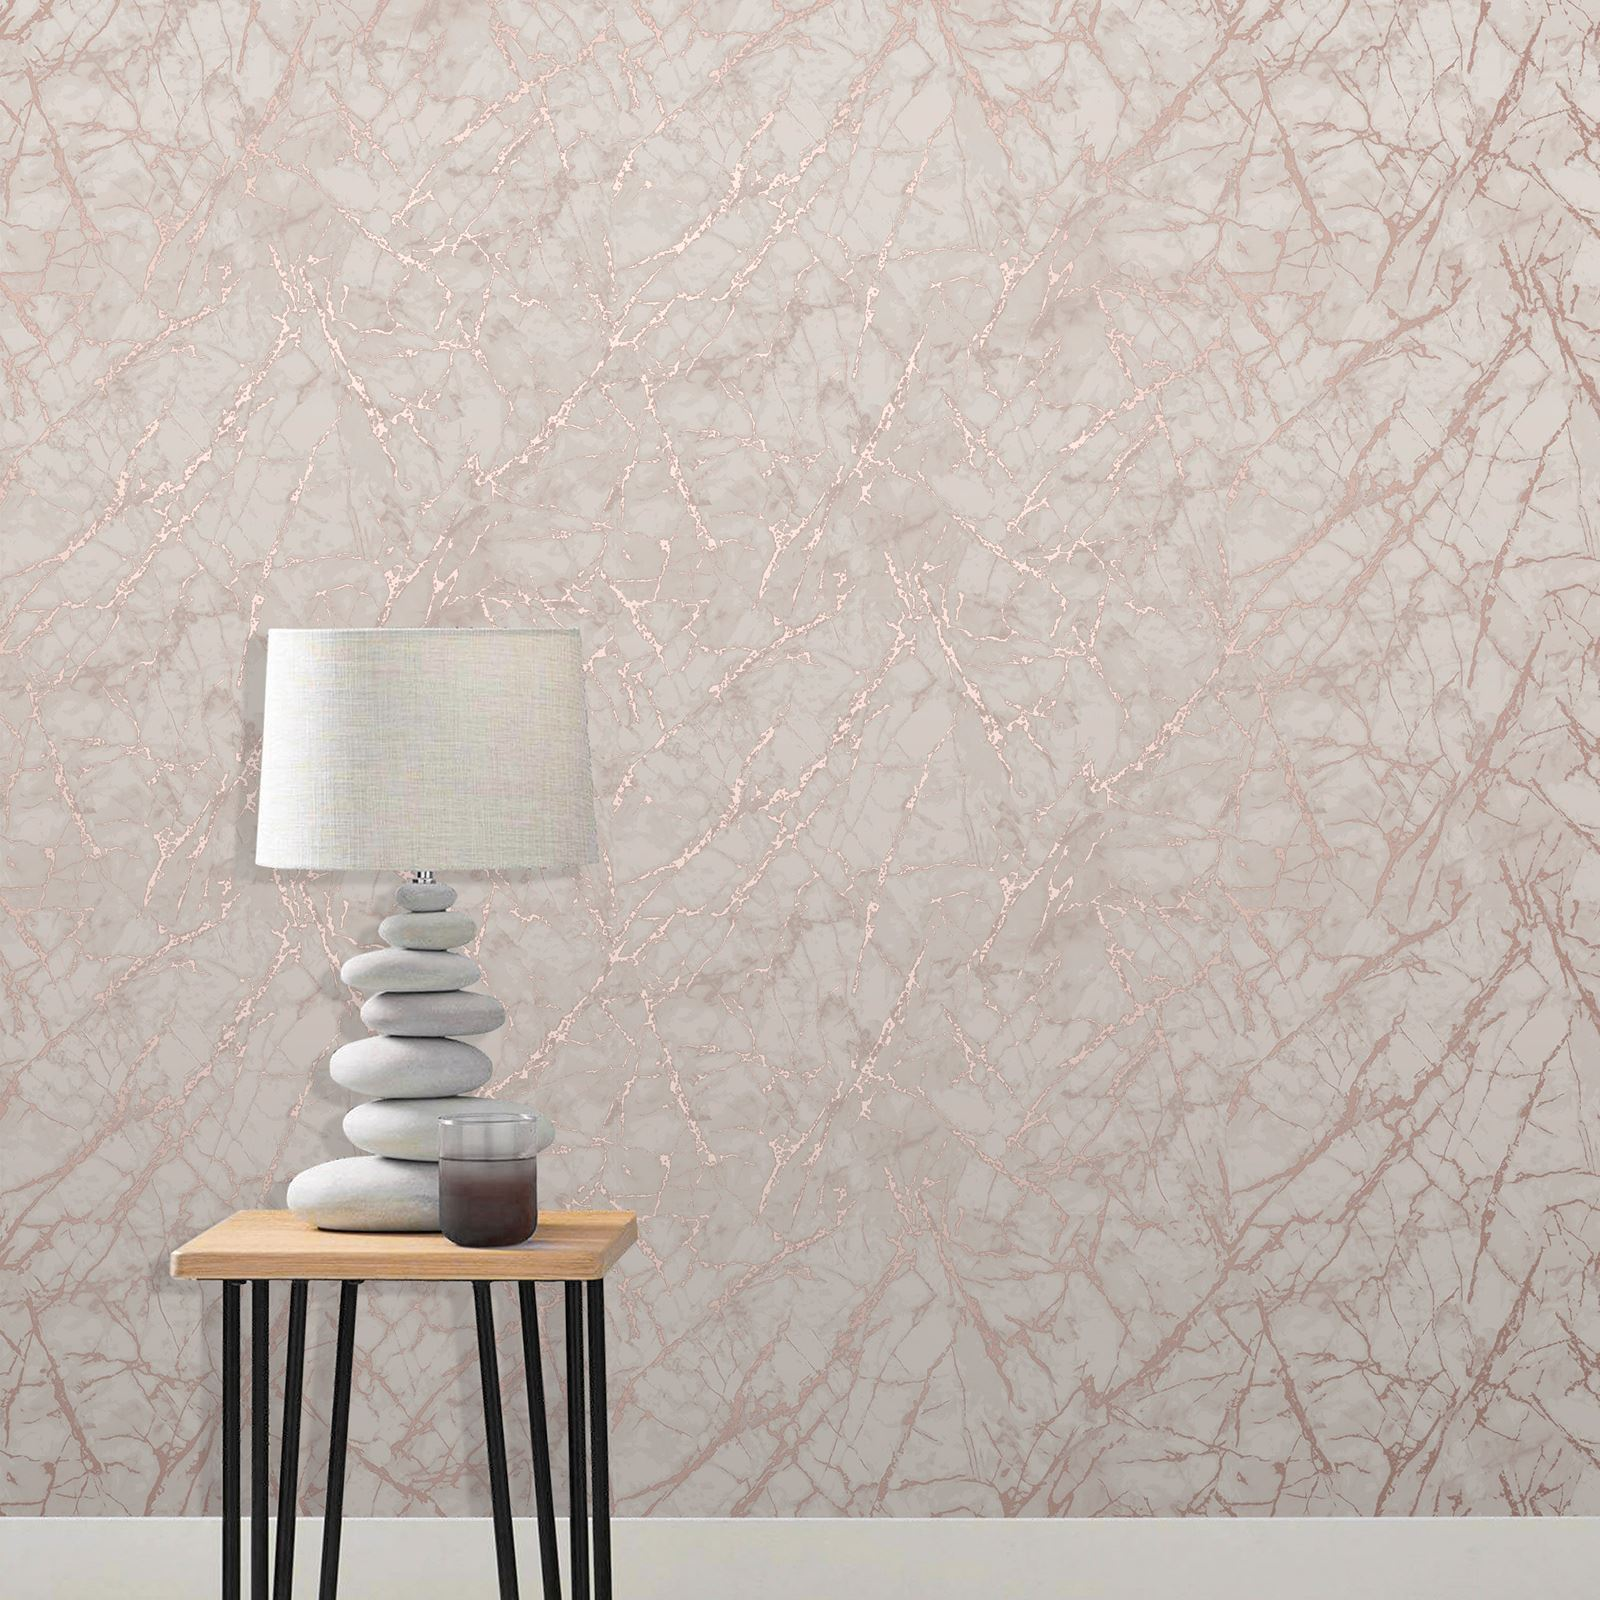 Rotgold-Tapete-Grau-Creme-Exotisch-Blumen-Tropisch-Palme-Blaetter-Geometrisch Indexbild 43